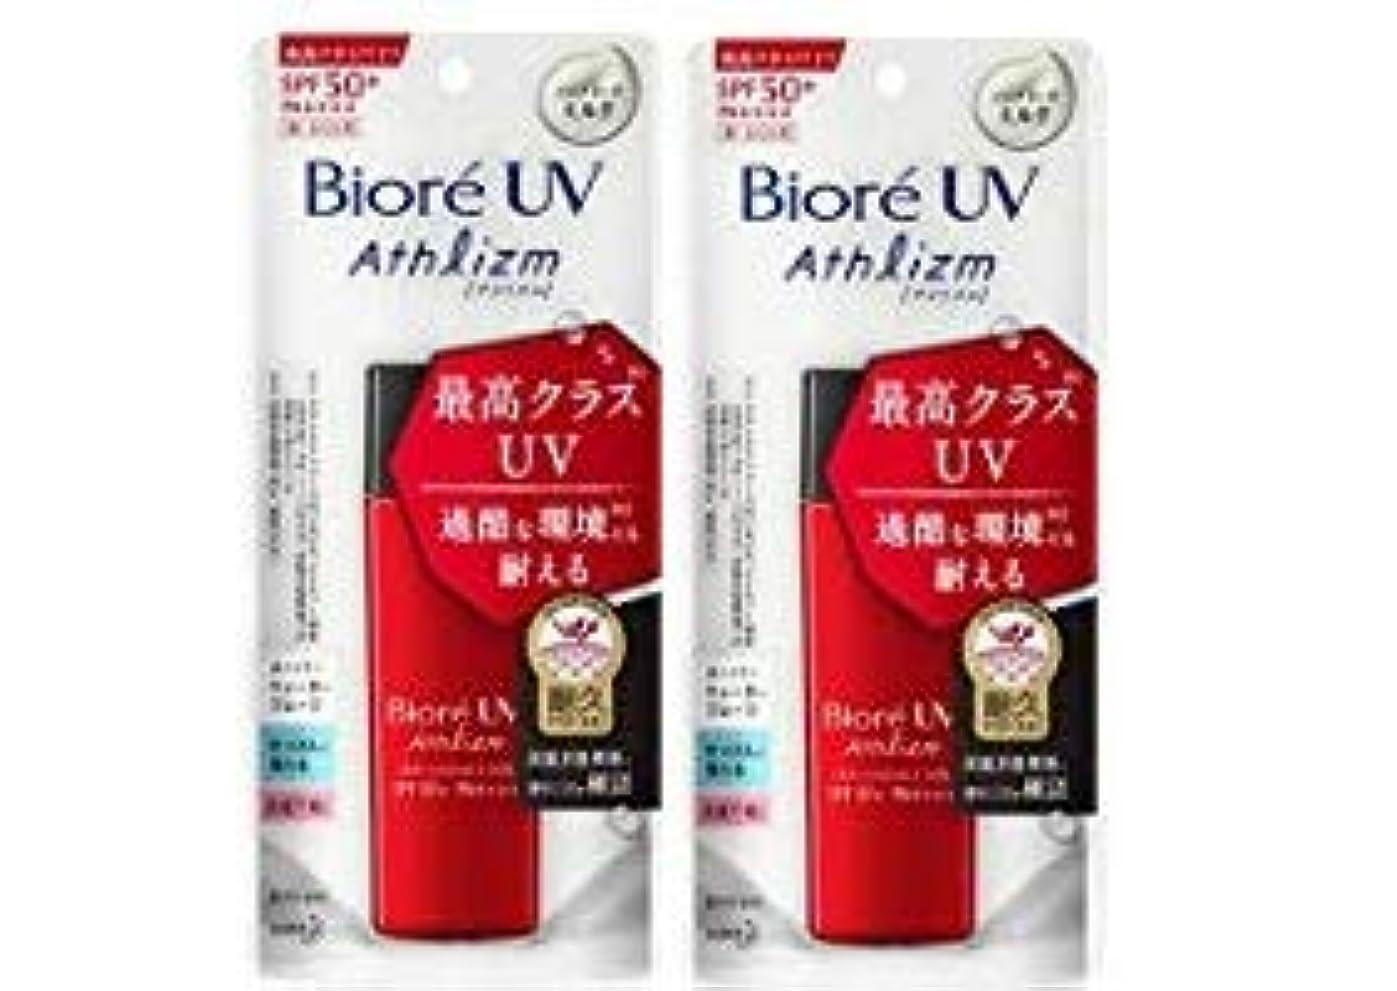 経過服を片付けるセクタビオレ UV アスリズム スキンプロテクトミルク 日焼け止め 65ml 2個セット